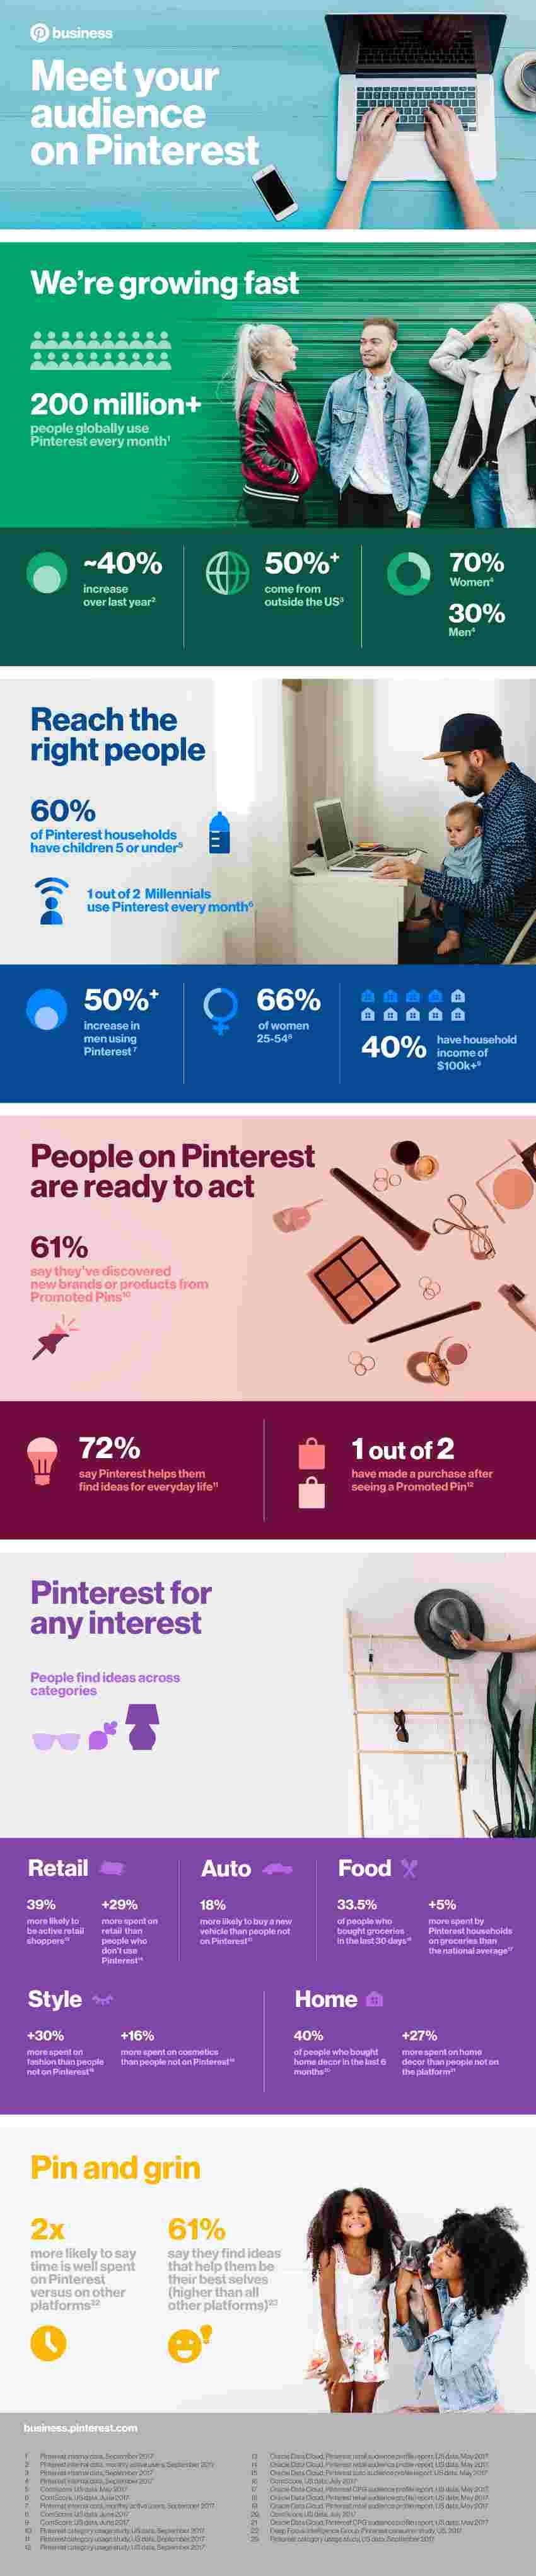 Как да потвърдим сайта си на Pinterest и да използваме безплатен бизнес профил 3